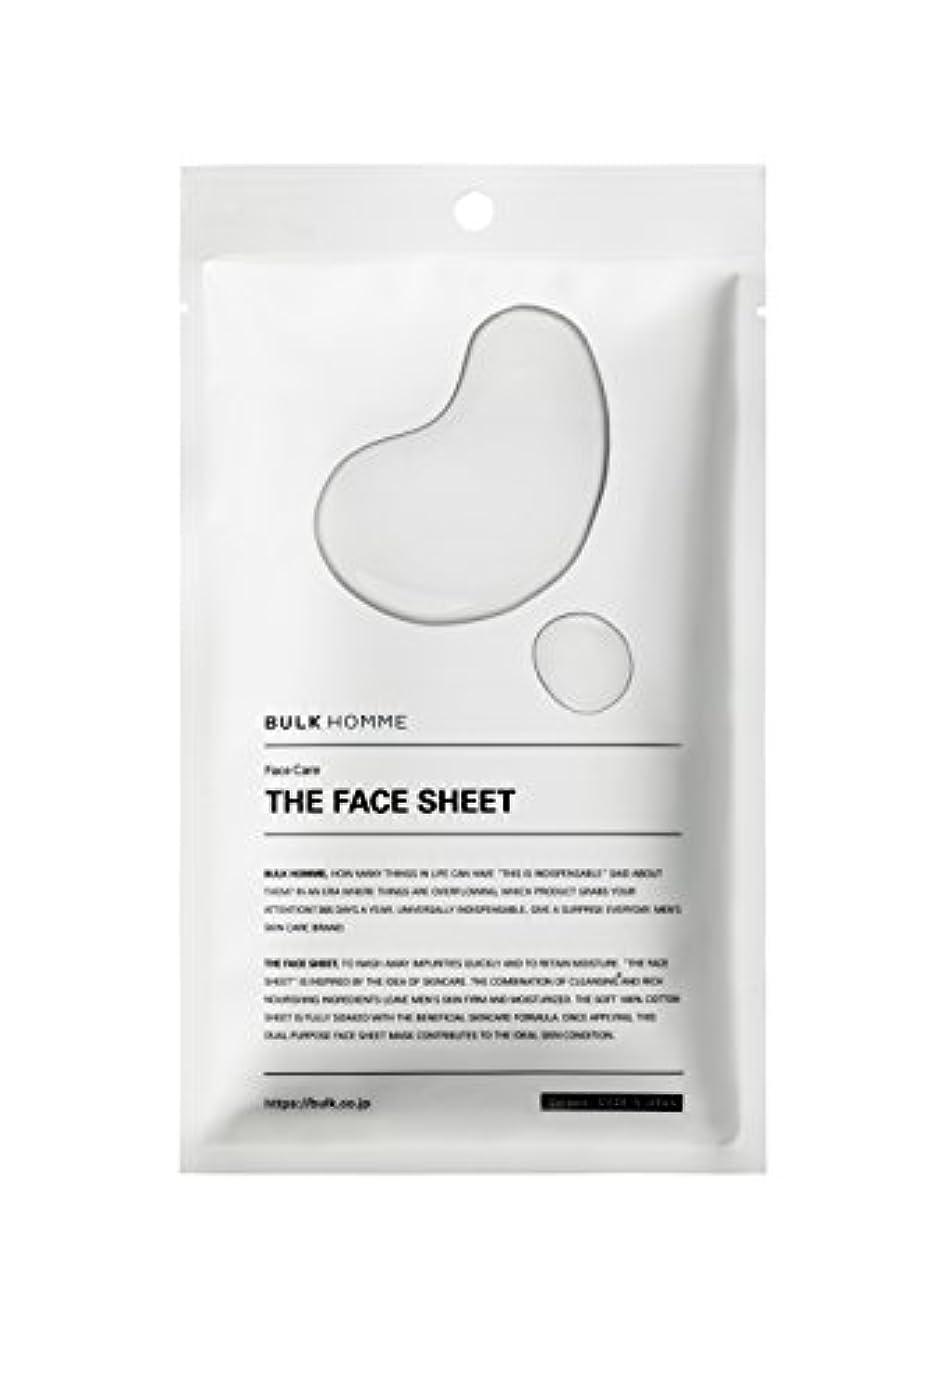 結論フライト失礼バルクオム THE FACE SHEET フェイスシート(低刺激 拭き取り化粧水)10枚